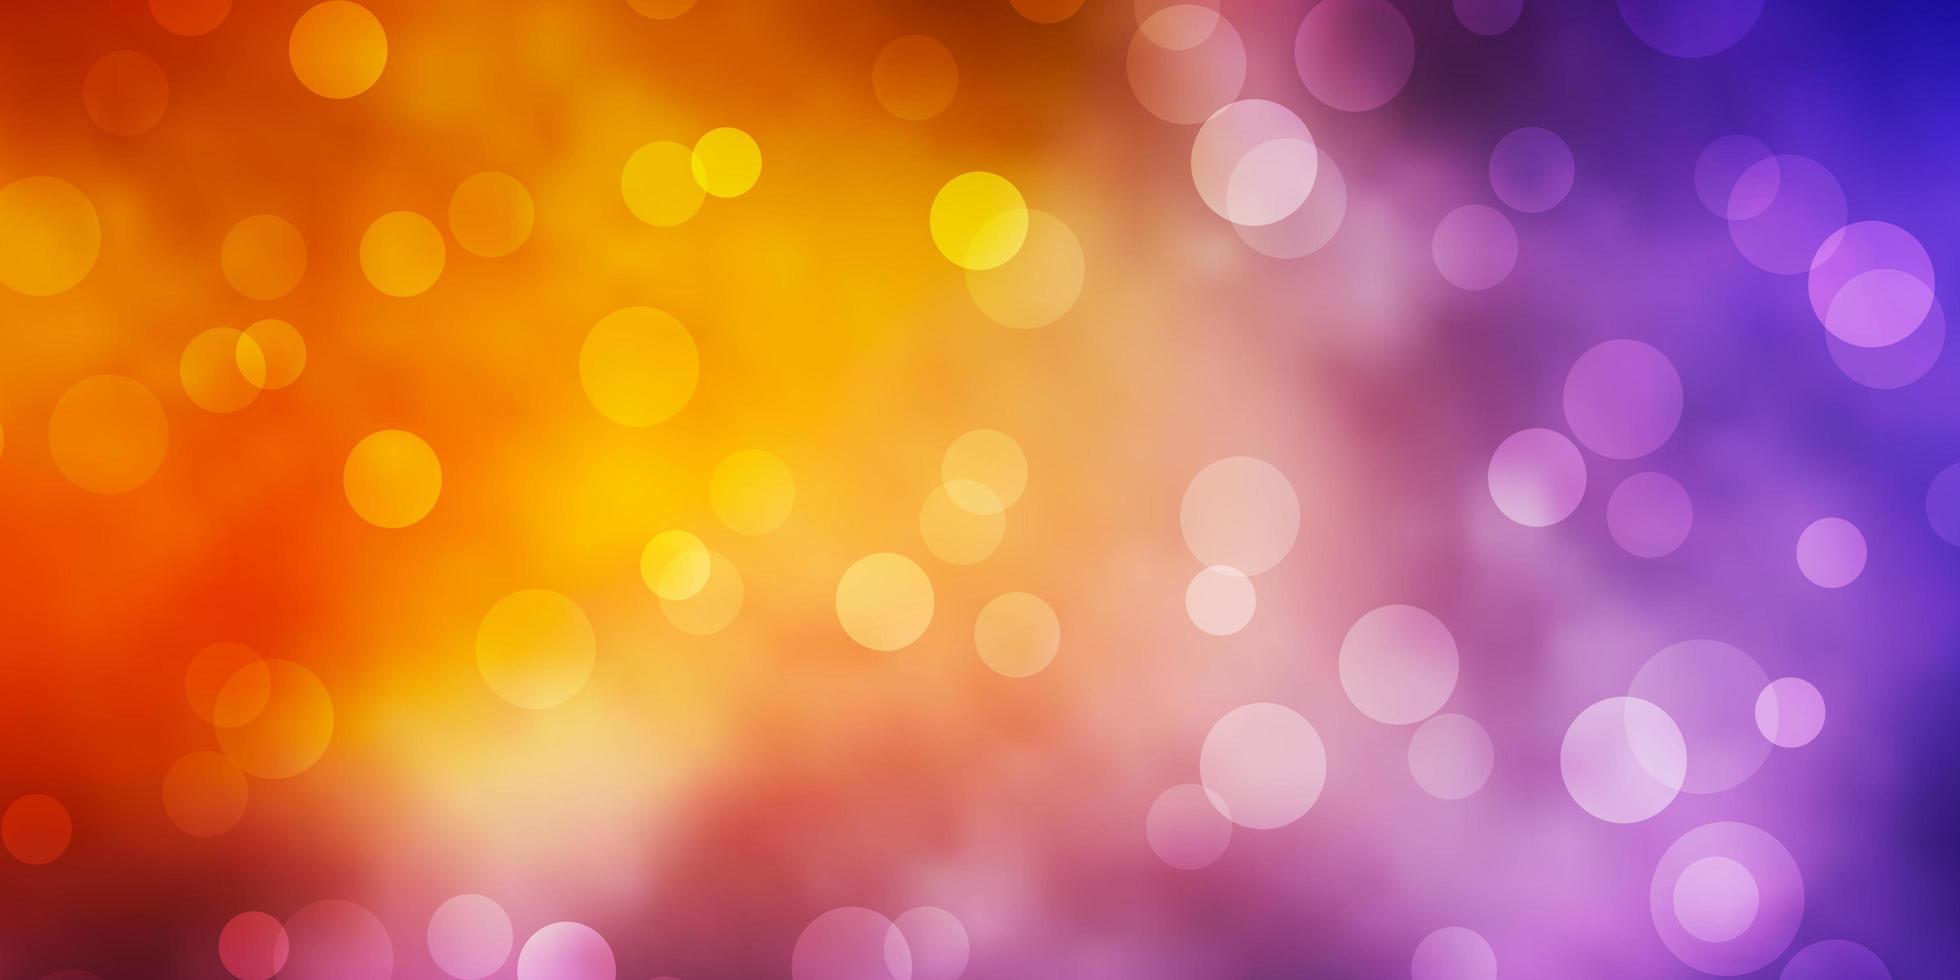 ljusblått, gult vektormönster med cirklar. vektor